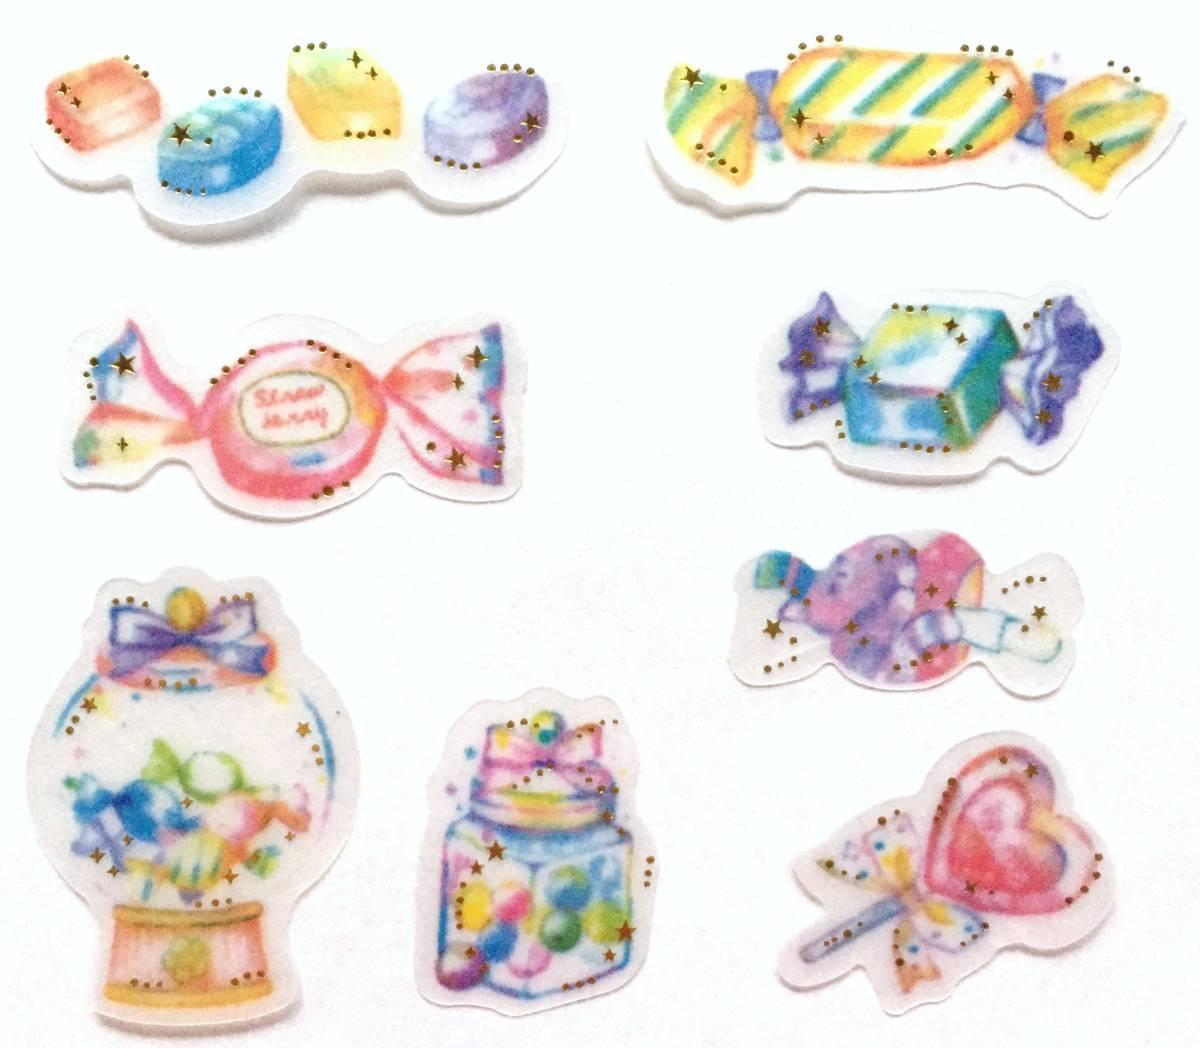 新品&即決 かわいい キャンディー フレークシール8種48枚/お菓子 飴 キャンディーボックス ドロップ/スクラップブッキング 手帳手紙 女の子_画像2